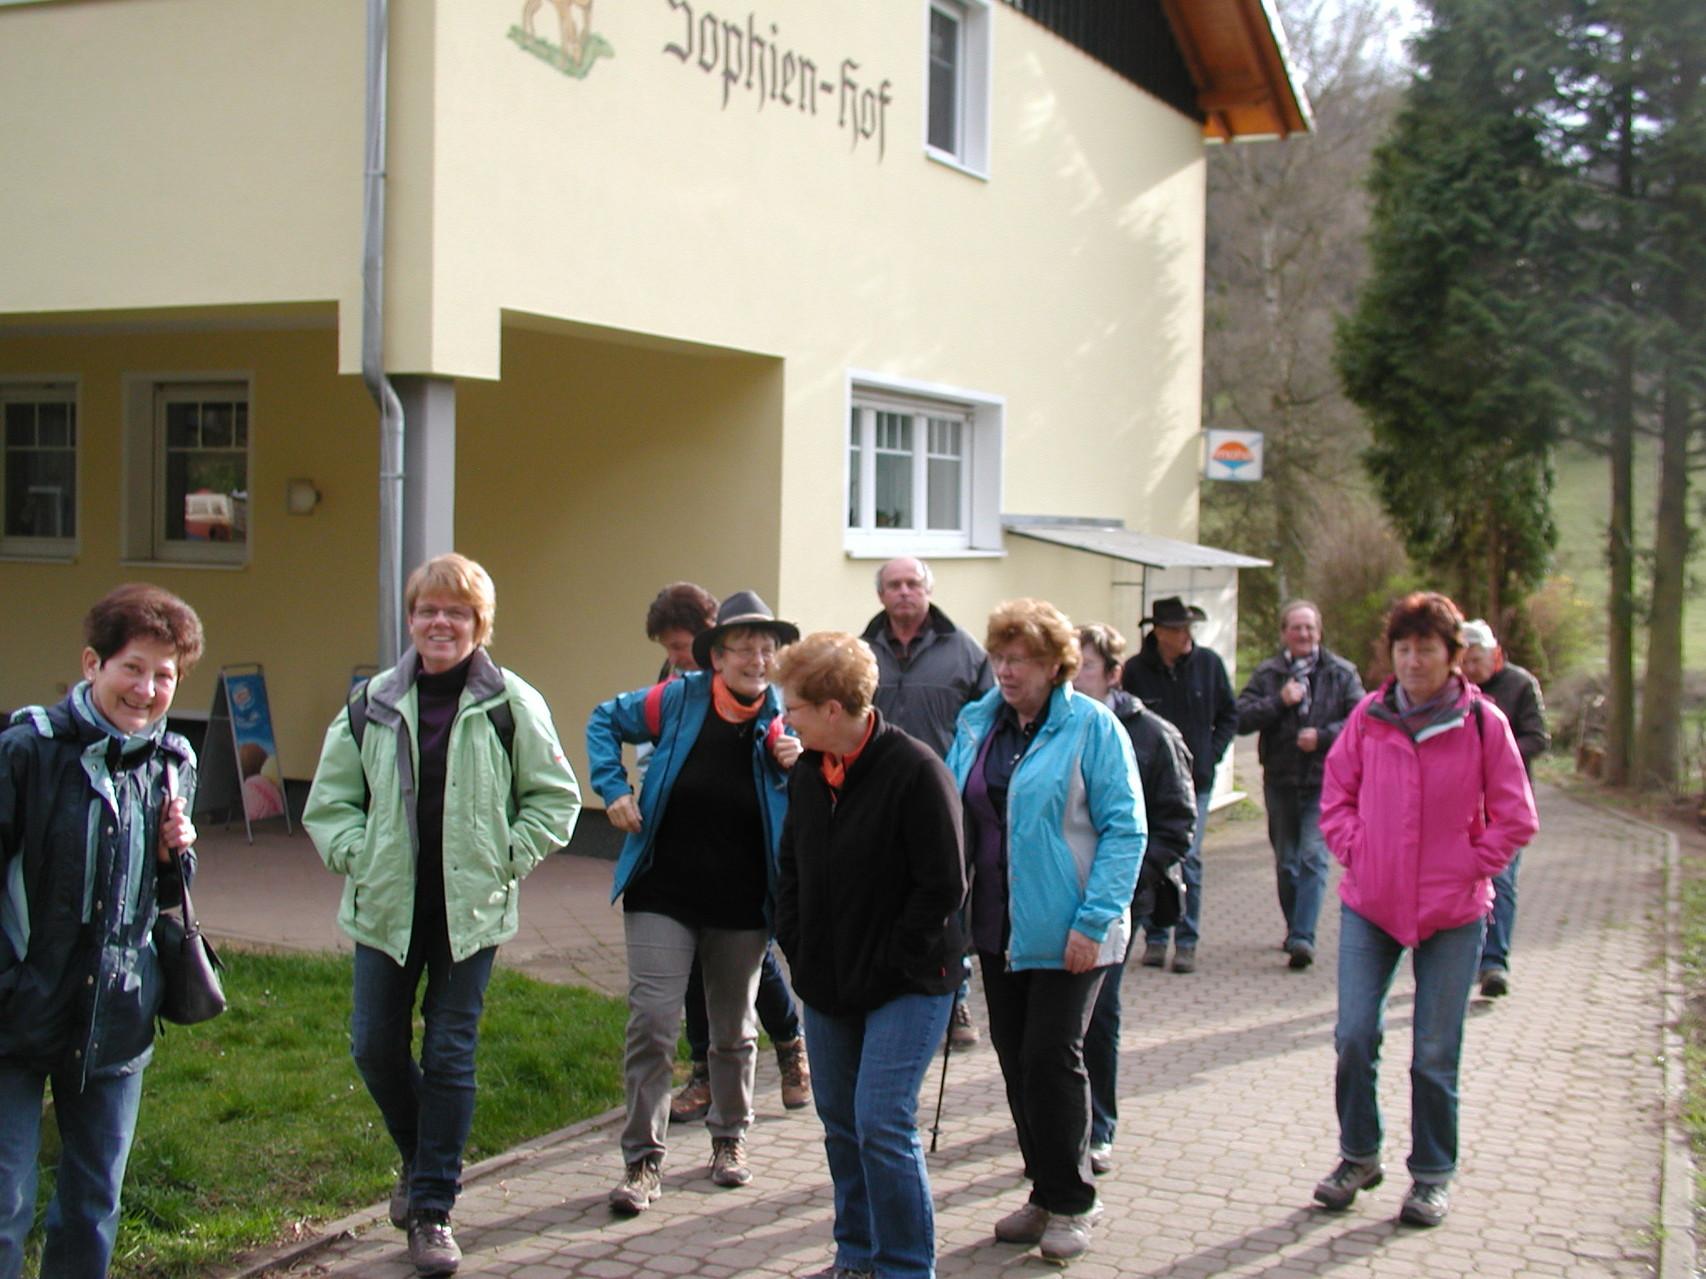 Wanderung zum Sophienhof Raibreitenbach am 23.03.14 - Der Sophienhof